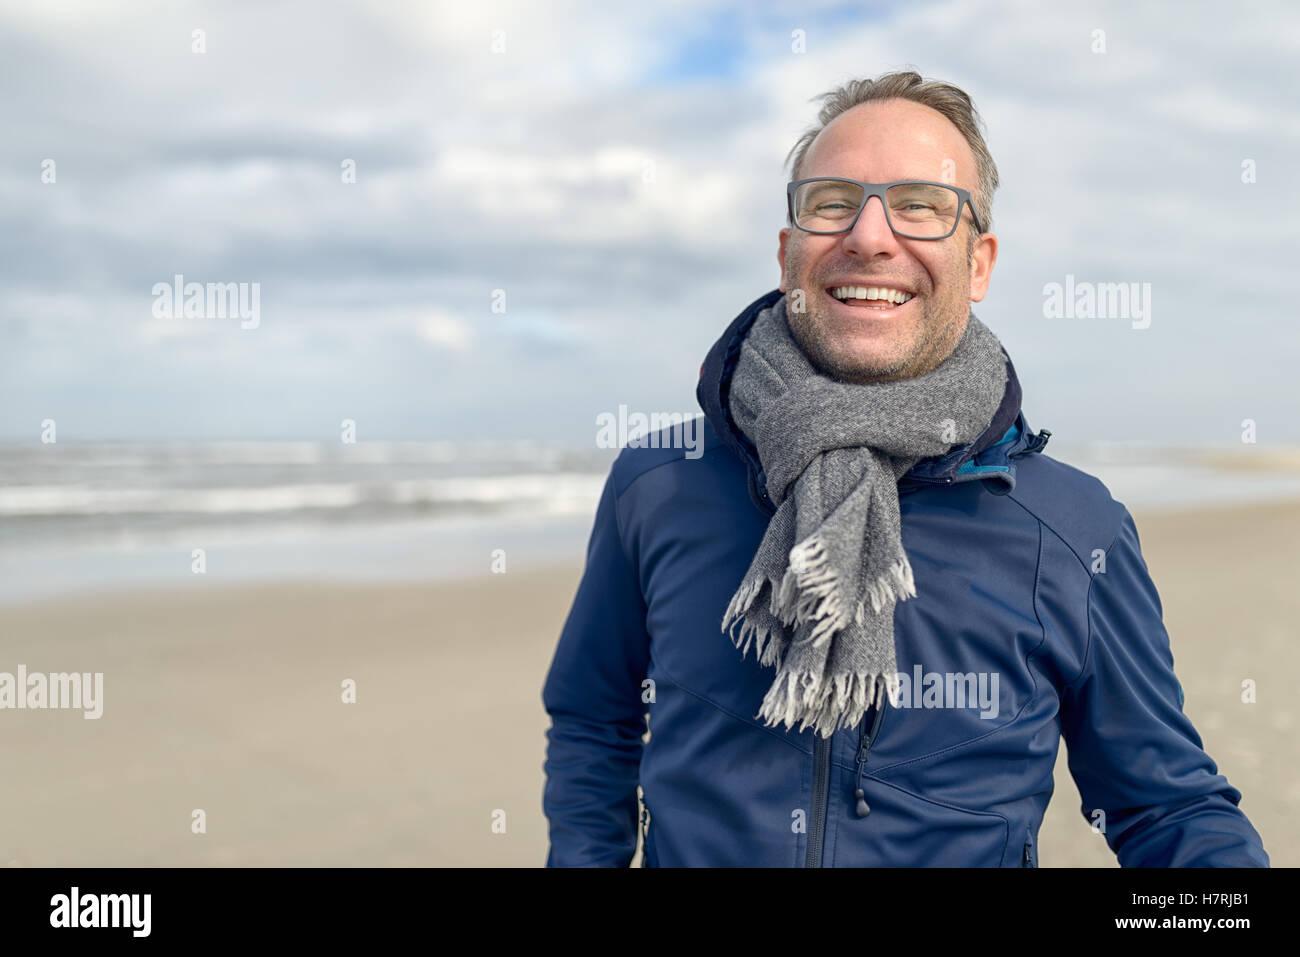 Glücklich lachende Mann mittleren Alters mit Brille und einem gestrickten wollenen Schal stehend auf einem Stockbild